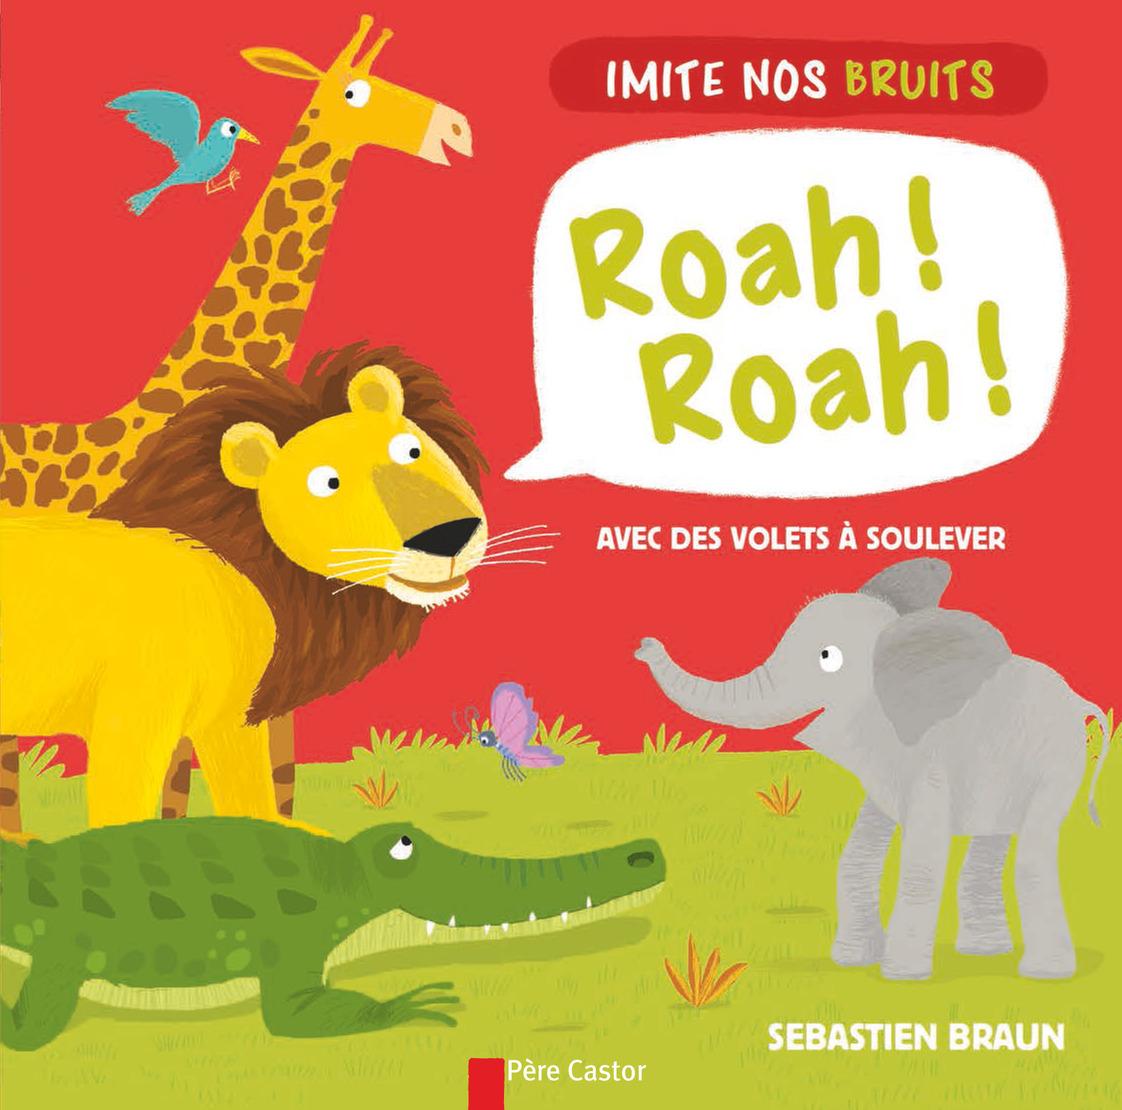 IMITE NOS BRUITS - ROAH ! ROAH !